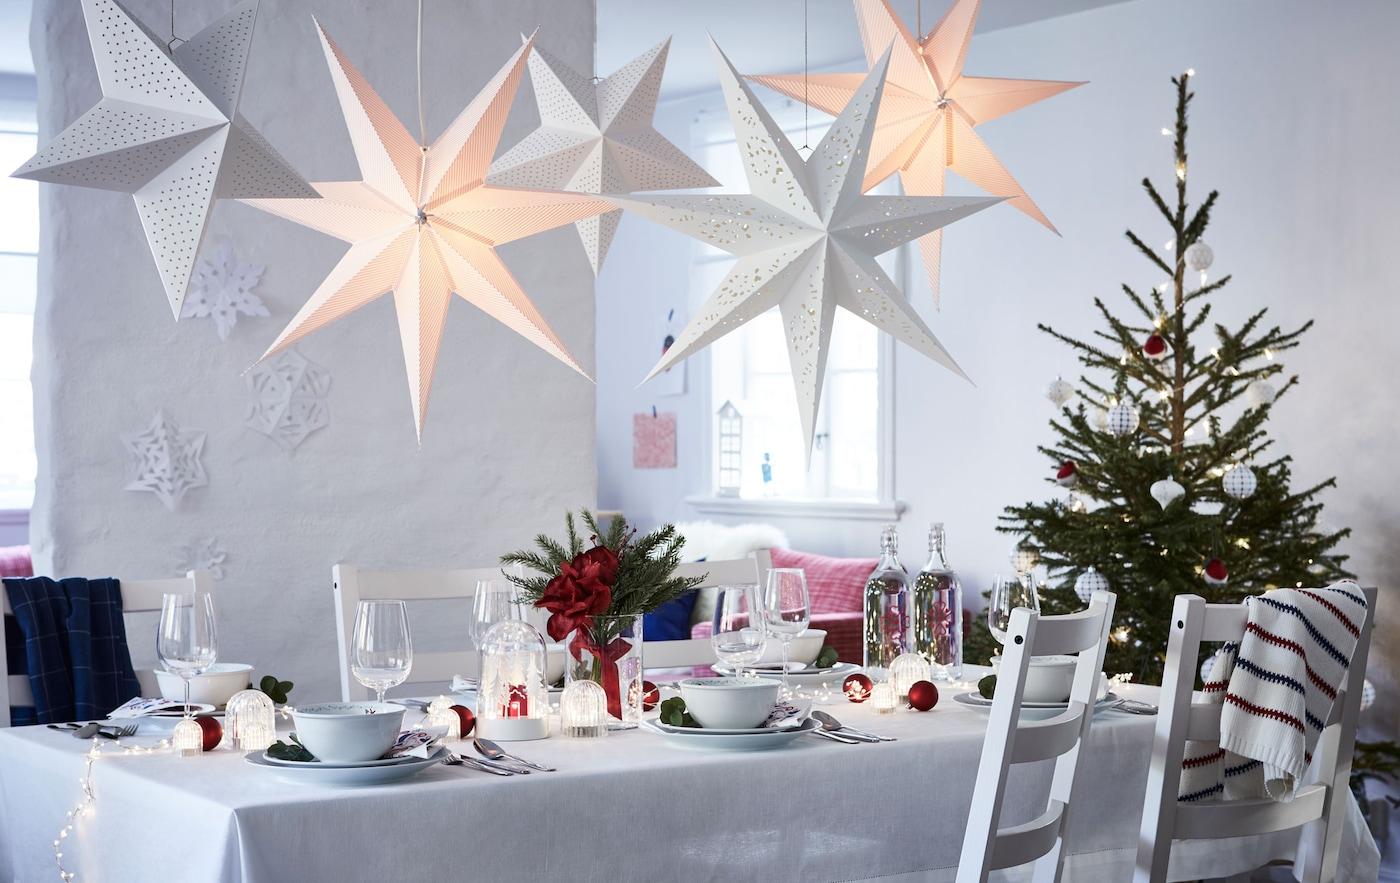 Una stanza luminosa, ampia e arredata in modo essenziale con una lunga tavola apparecchiata per le feste, con stelle di carta appese al soffitto e un albero di Natale in un angolo - IKEA